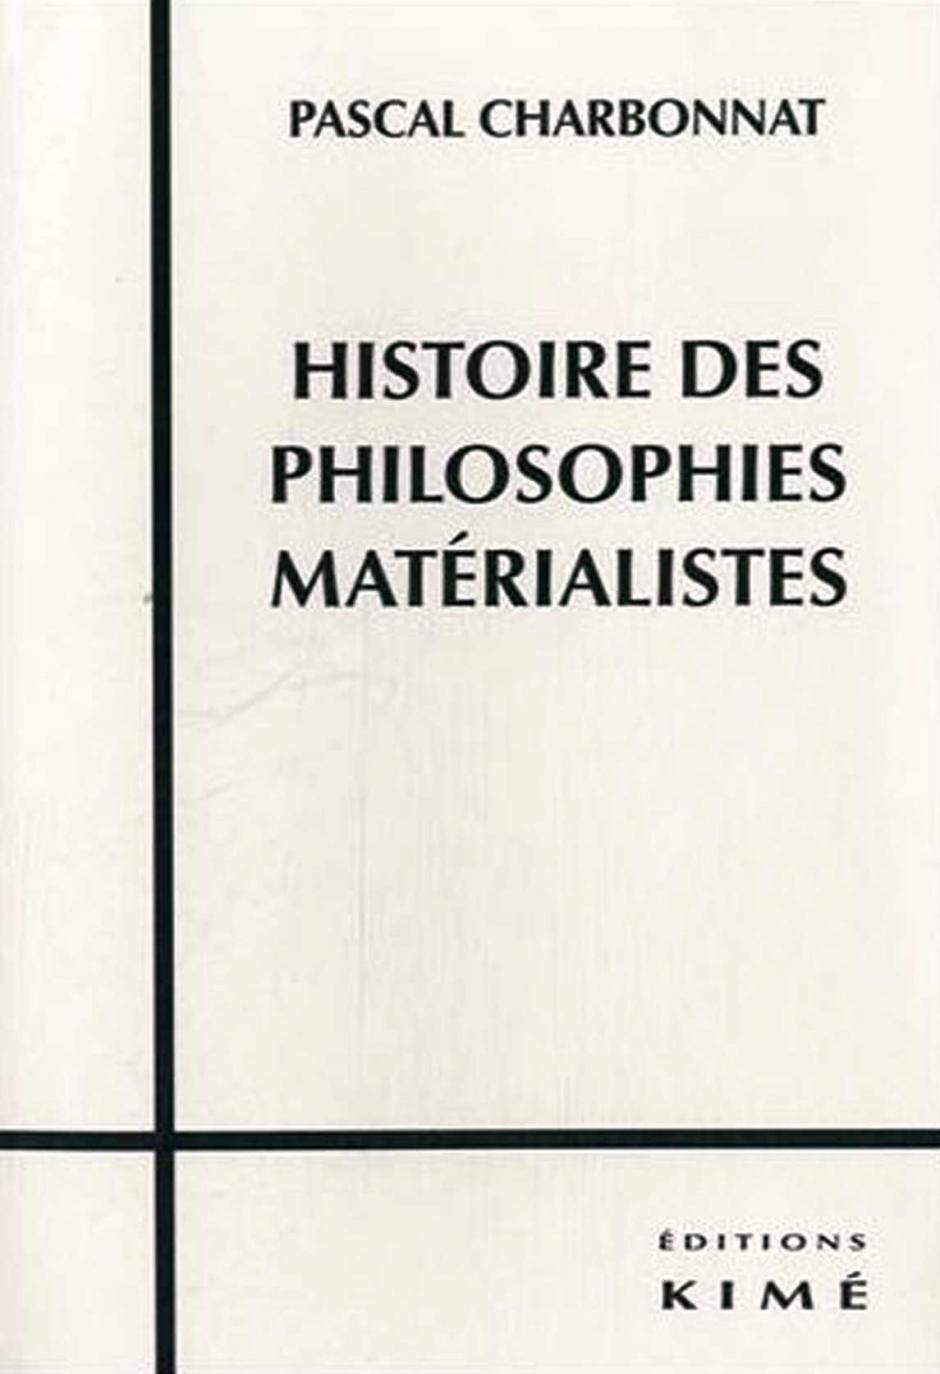 Histoire des philosophies matérialistes, Pascal Charbonnat